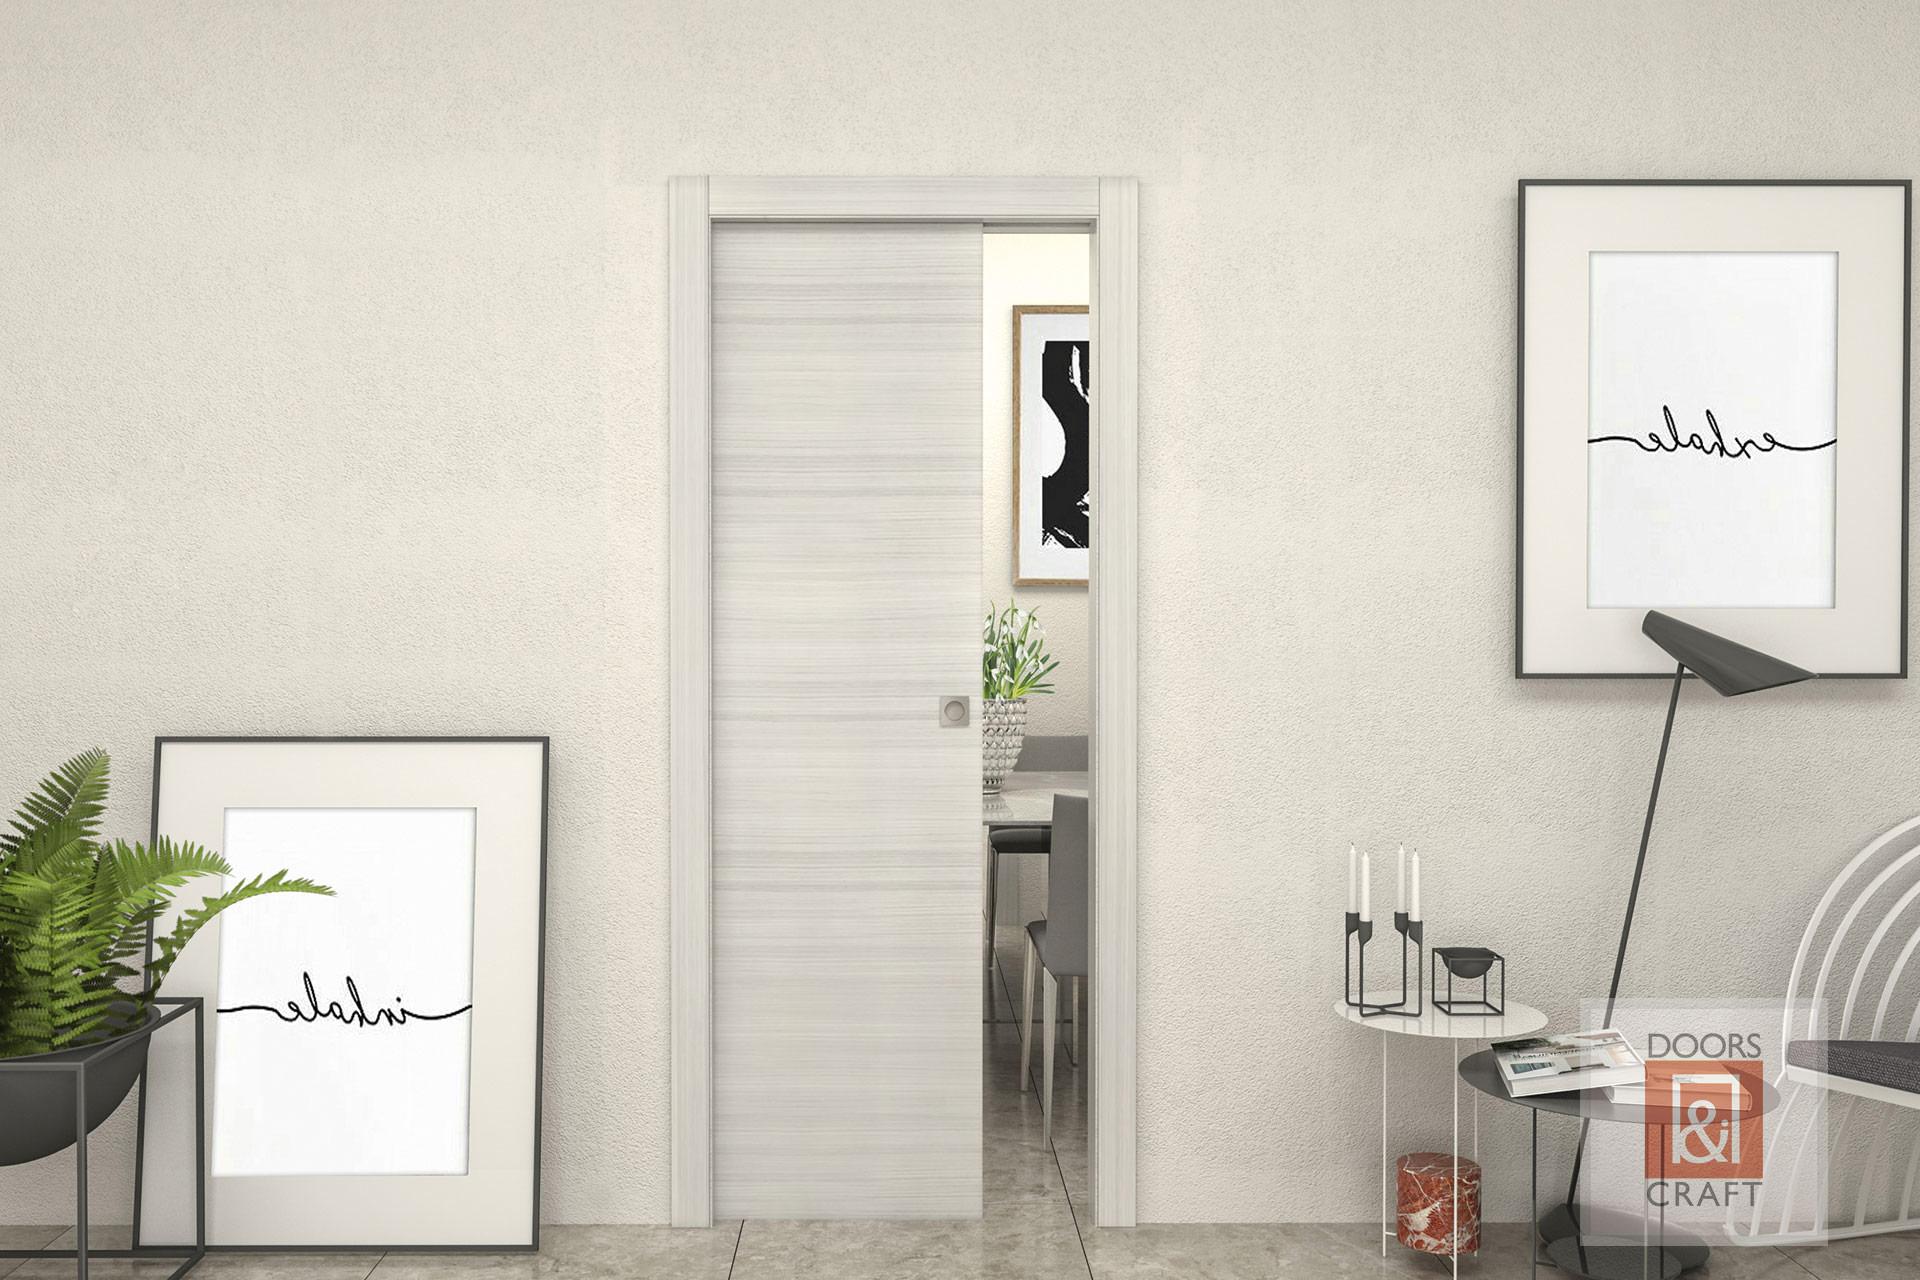 Doors craft porte interne anche su misura - Porte interne su misura milano ...